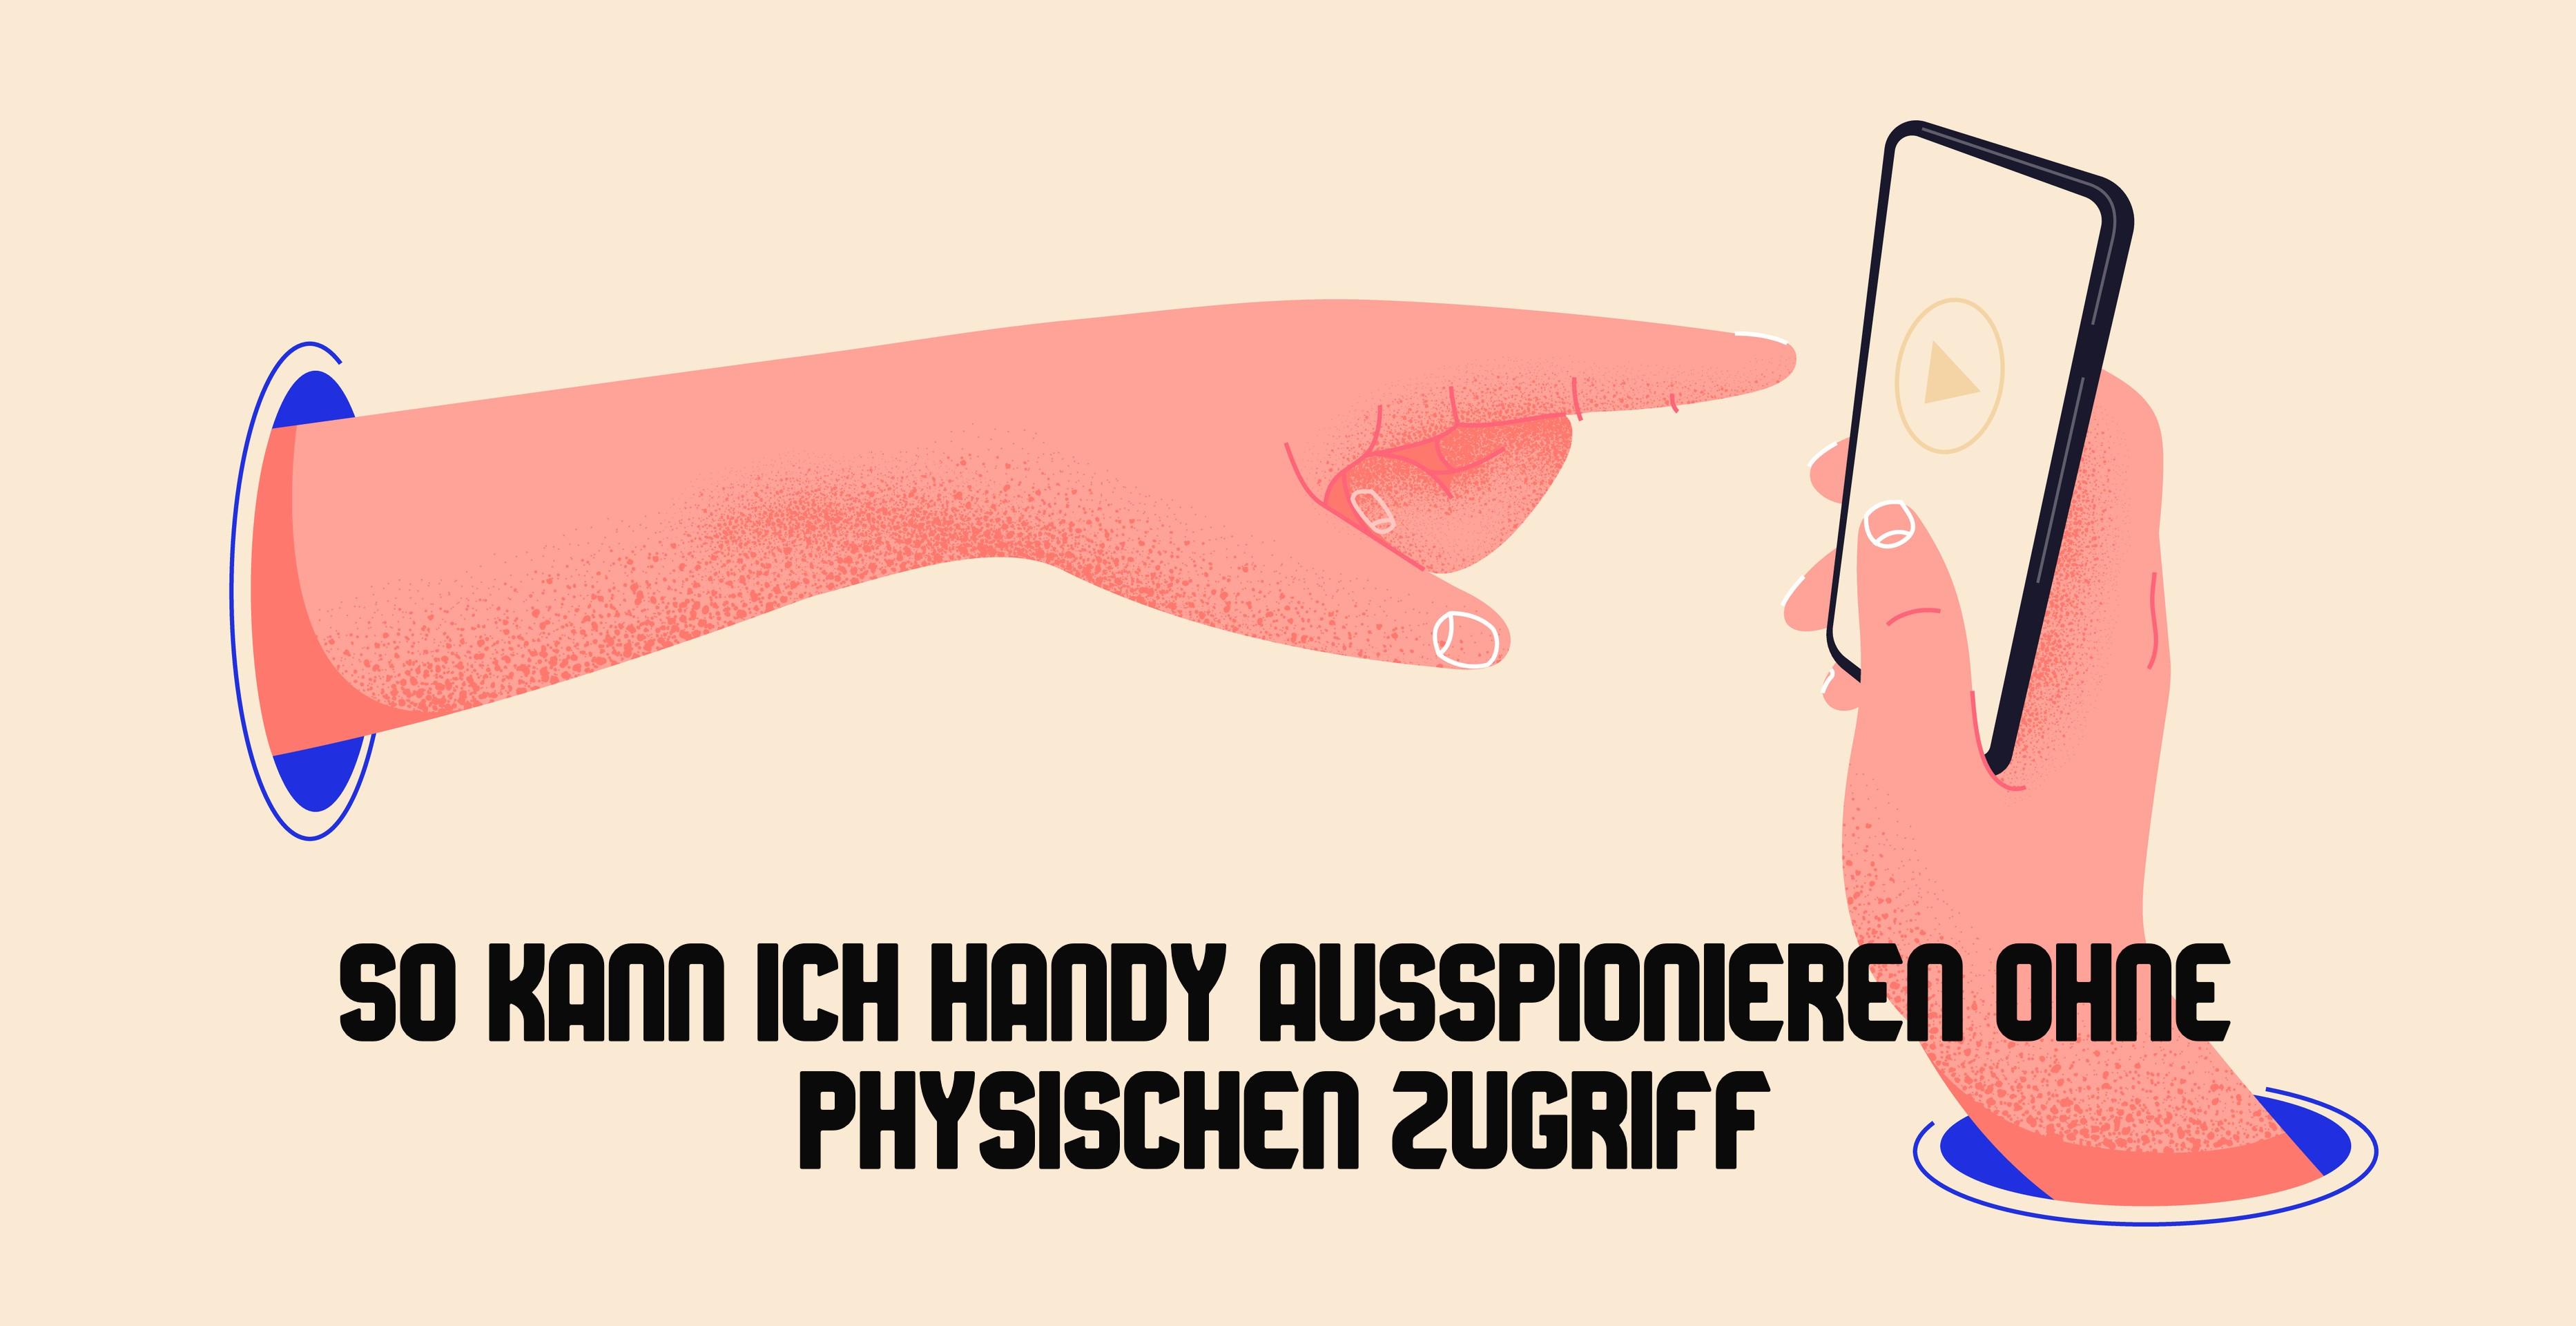 Handy Ausspionieren ohne Physischen Zugriff